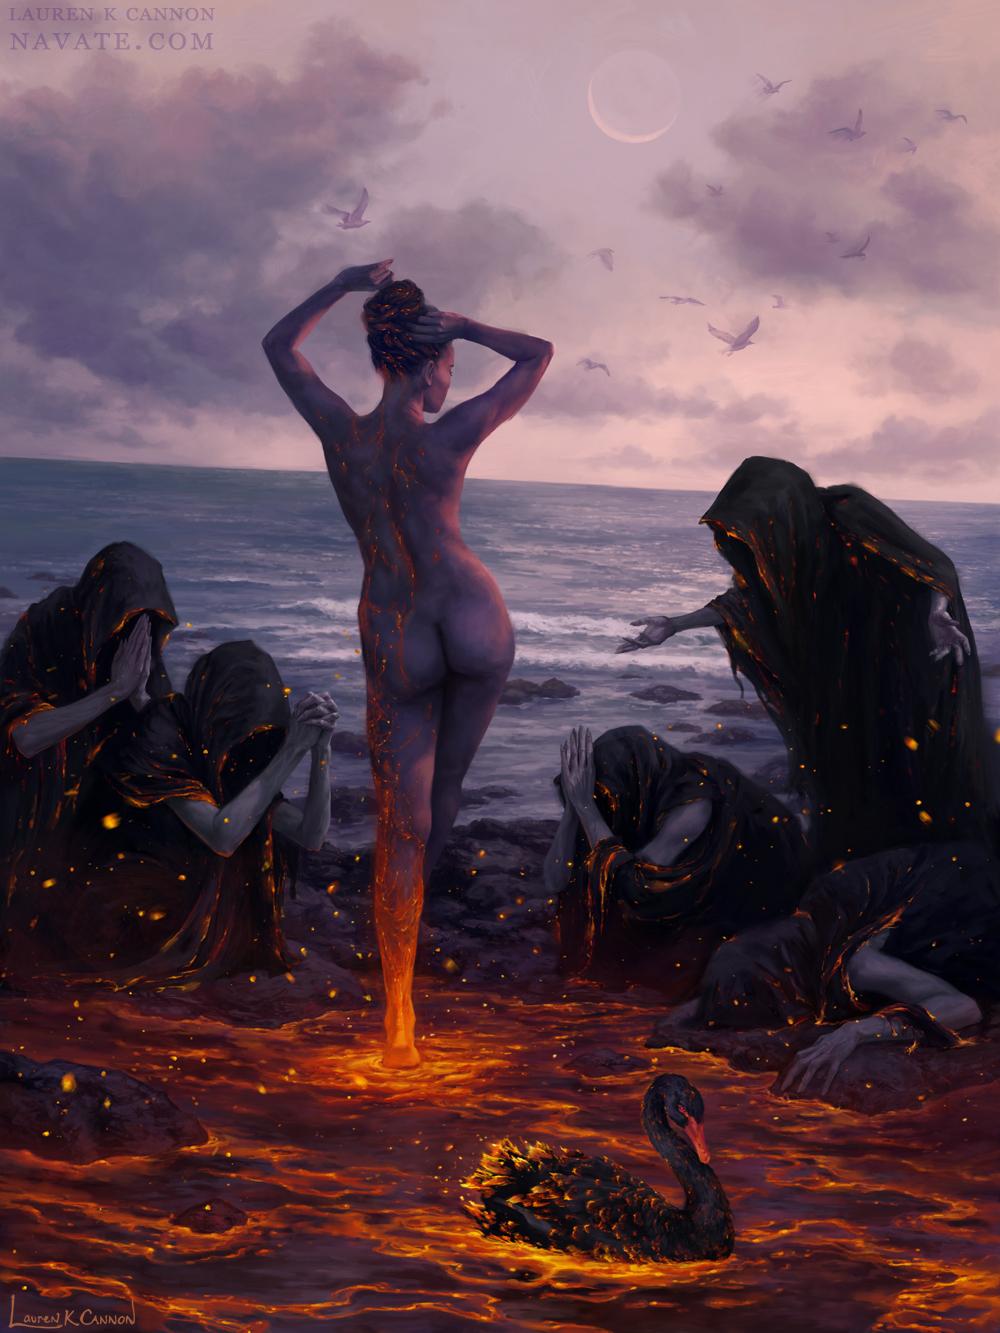 kindled dark souls black swan art illustration lauren k cannon horror dark fantasy